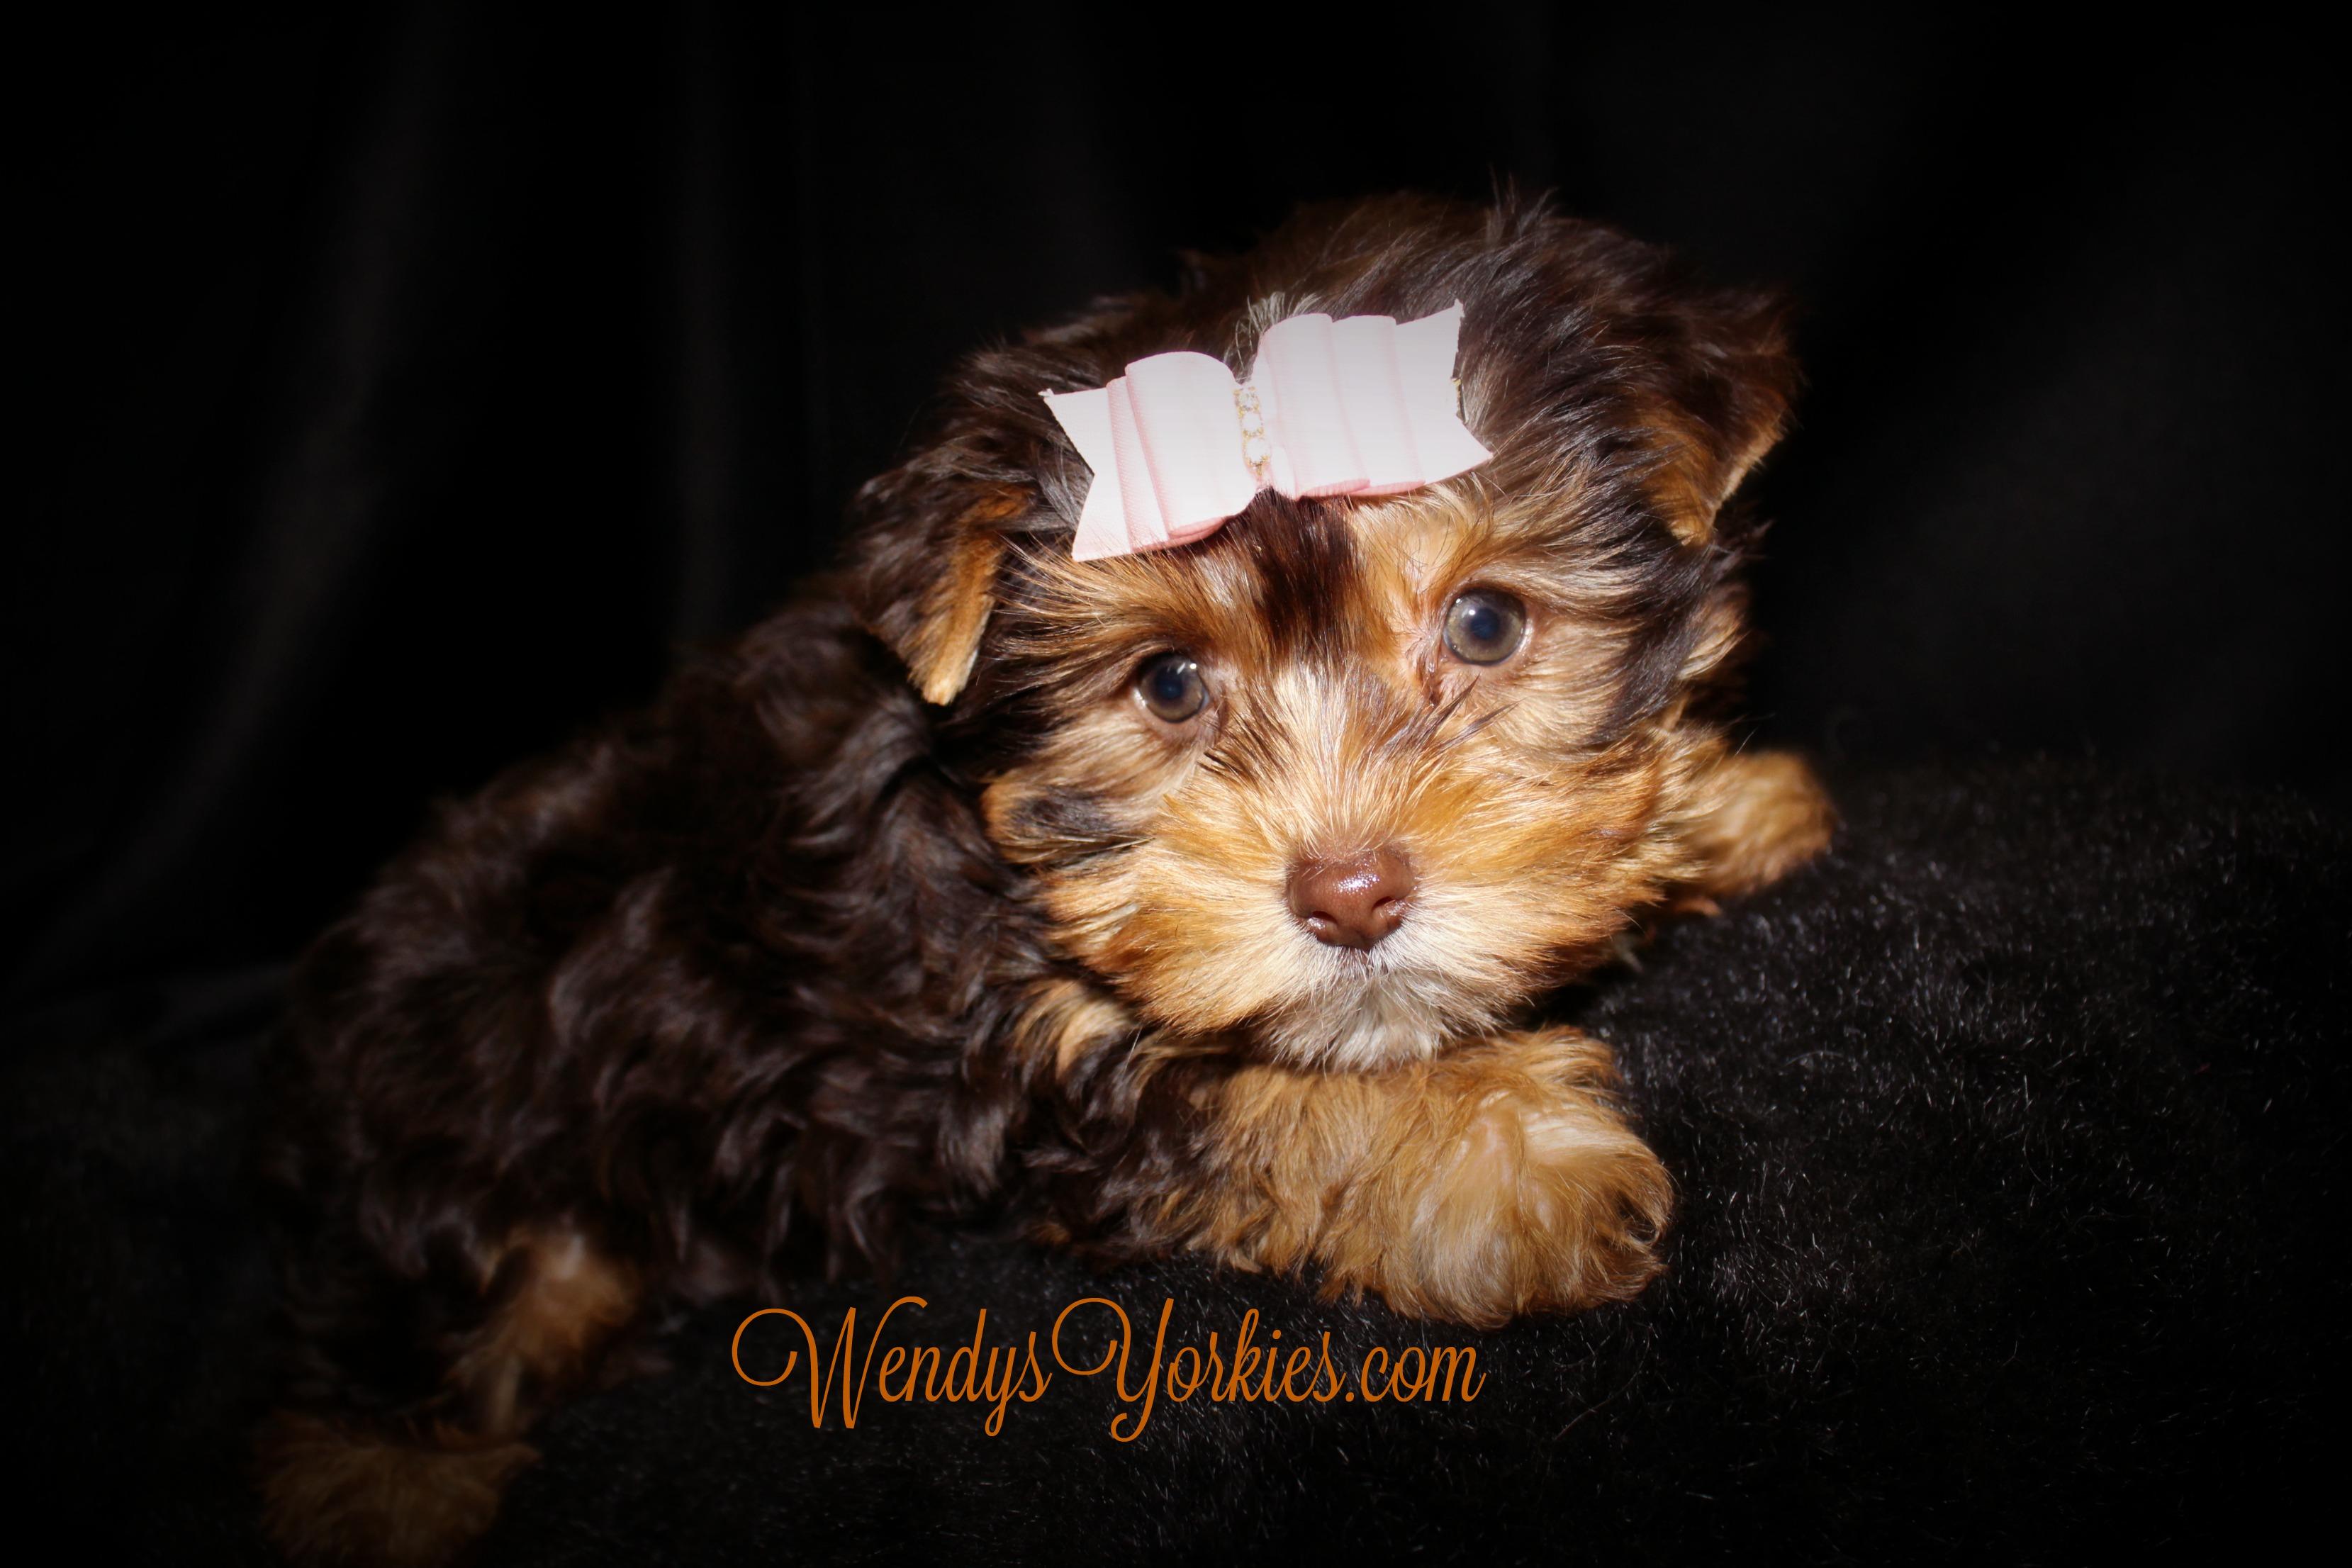 Chocolate Yorkie puppy for sale, WendysYorkies, Lela cf1